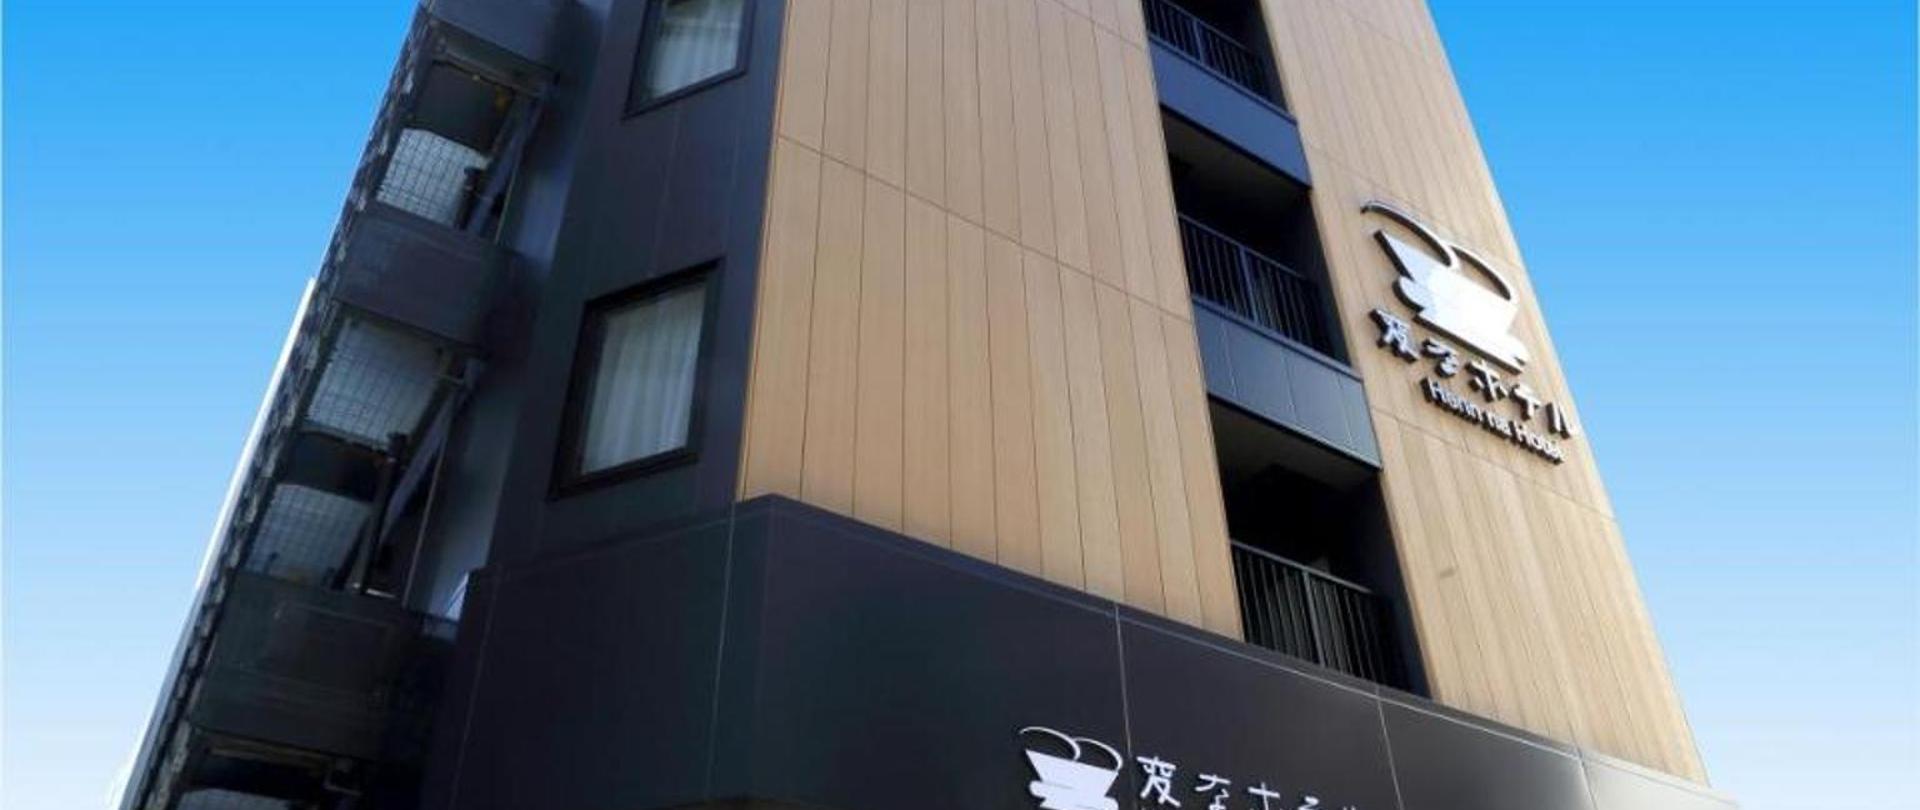 헤나 호텔 오사카 신사이바시 (2019 년 2 월 1 일 오픈)